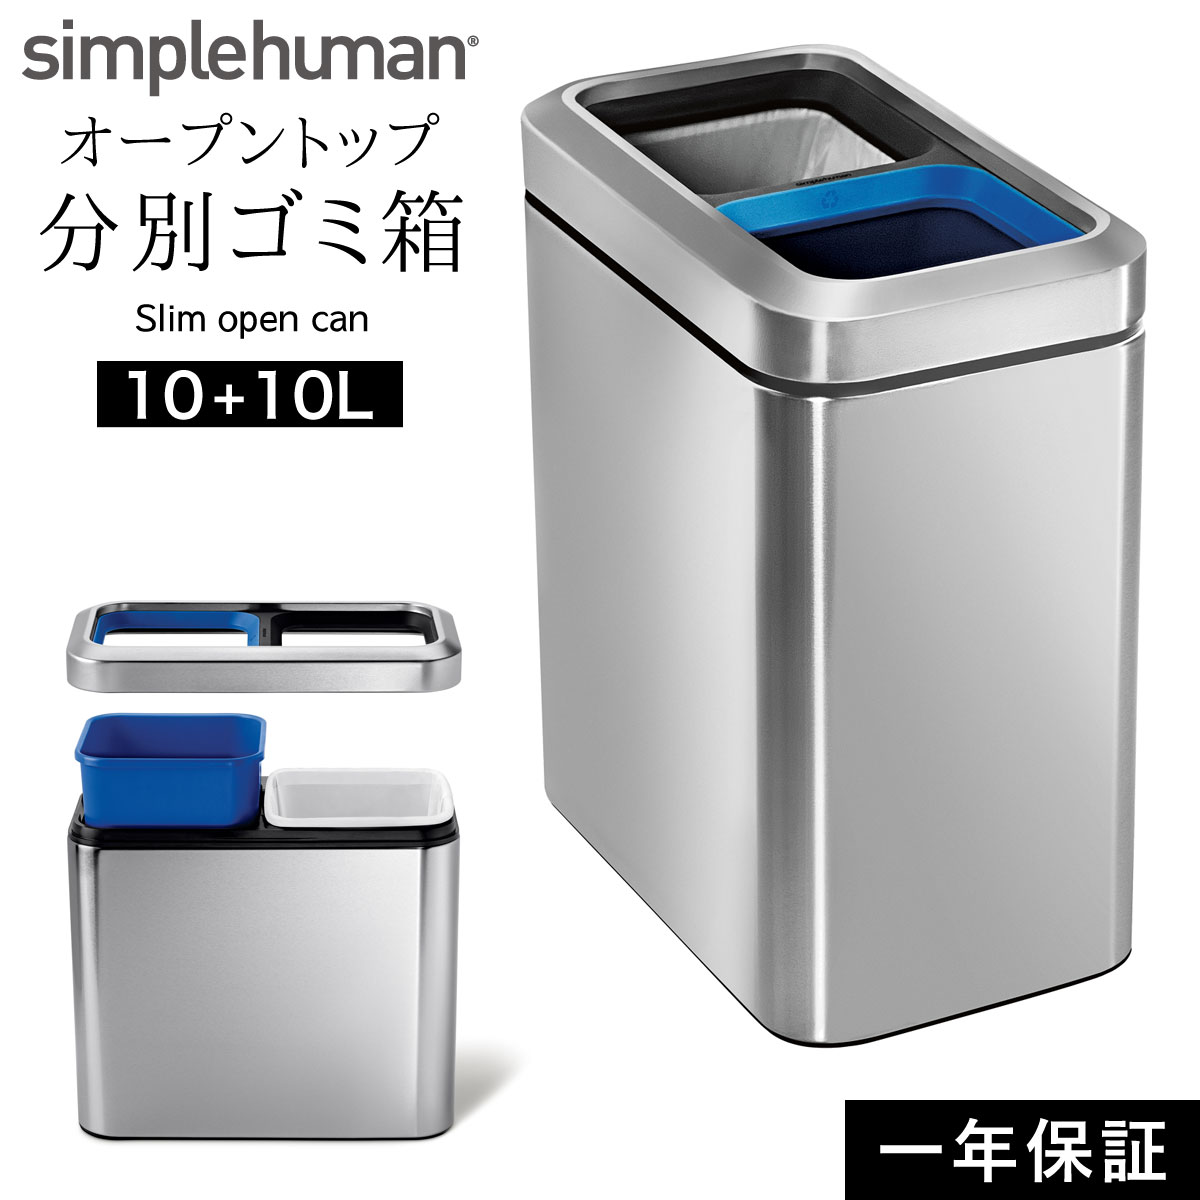 simplehuman シンプルヒューマン ゴミ箱 ごみ箱 分別 スリムオープンカン 20L 00143 メーカー直送 返品不可